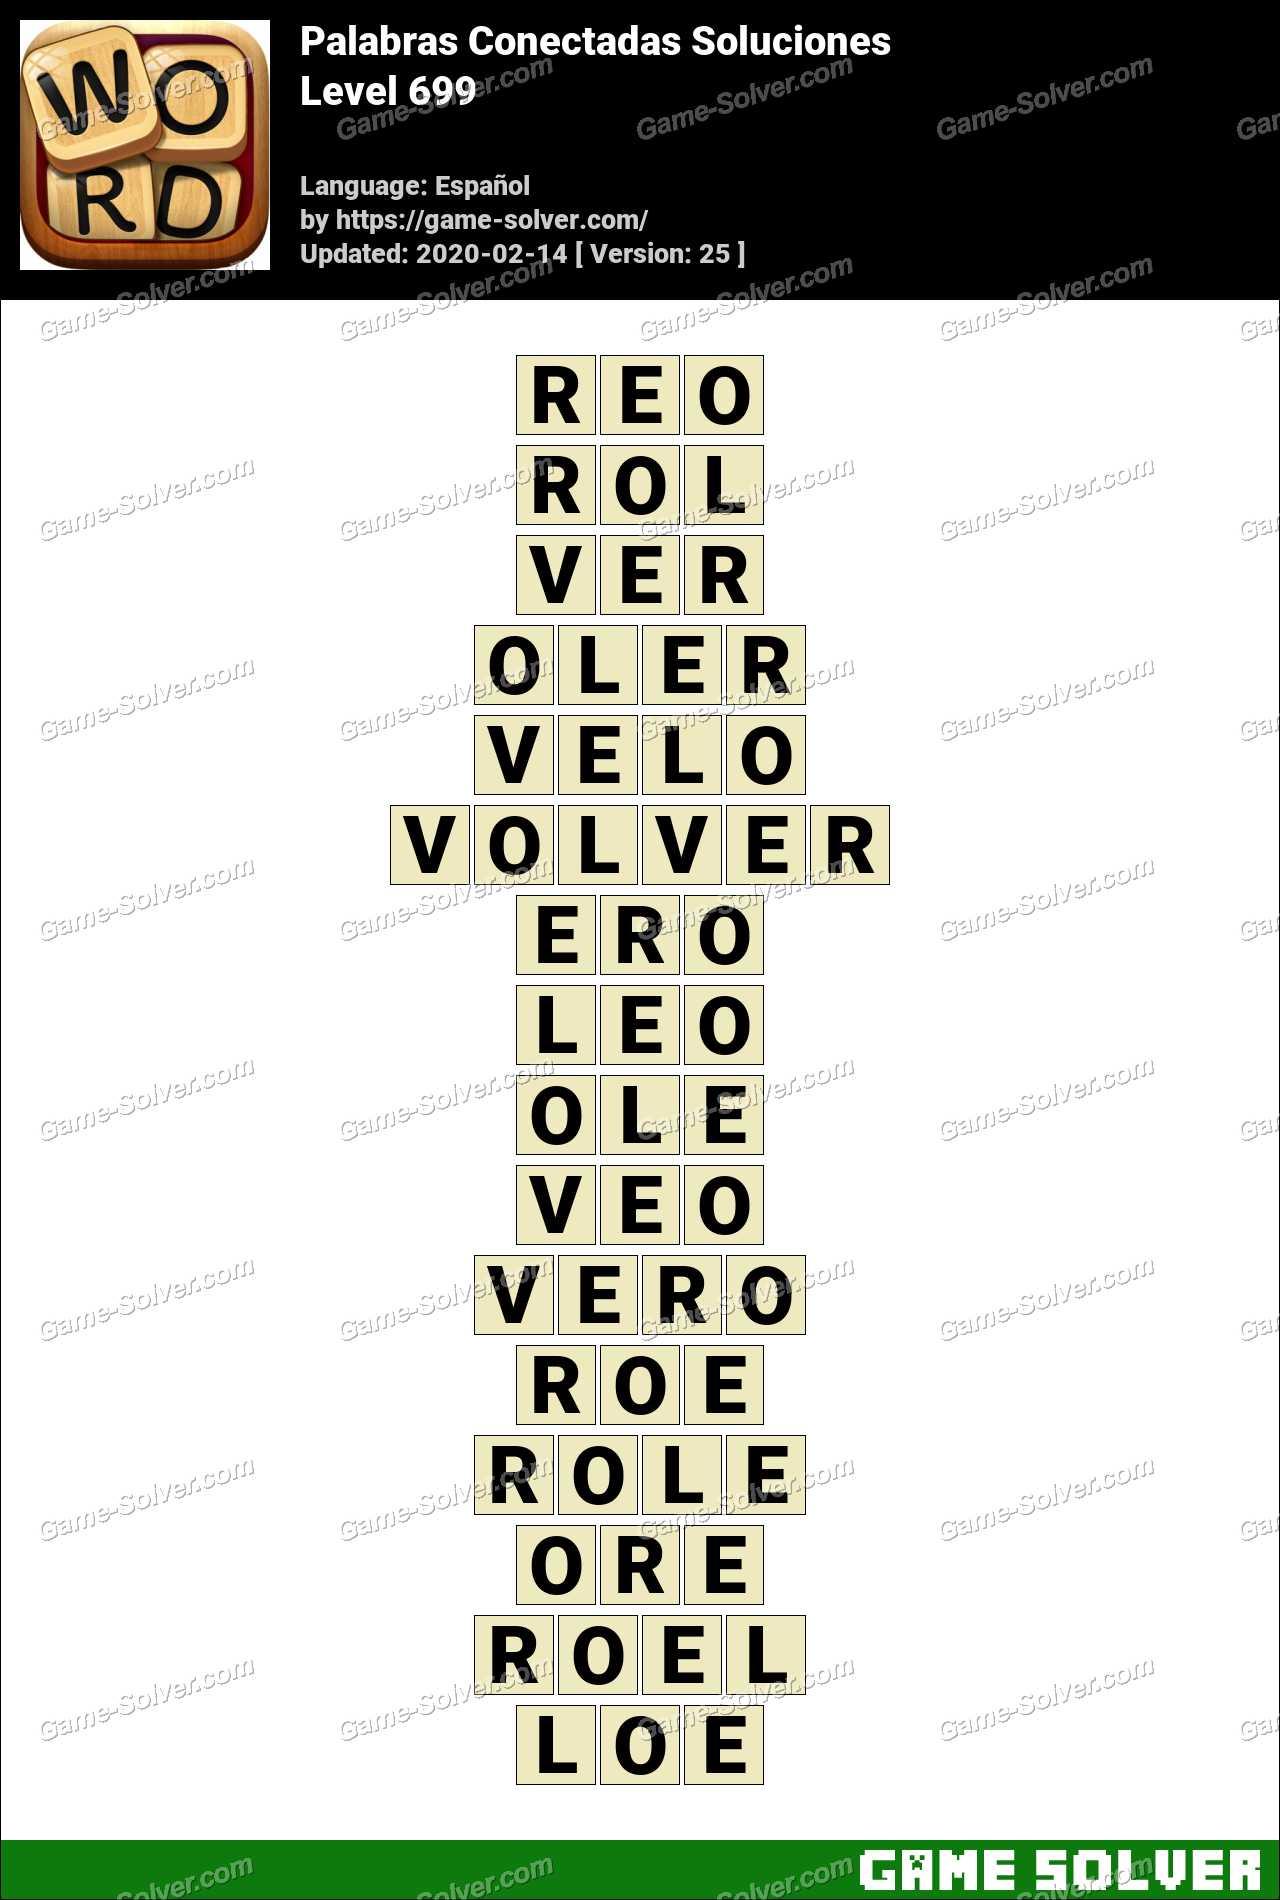 Palabras Conectadas Nivel 699 Soluciones